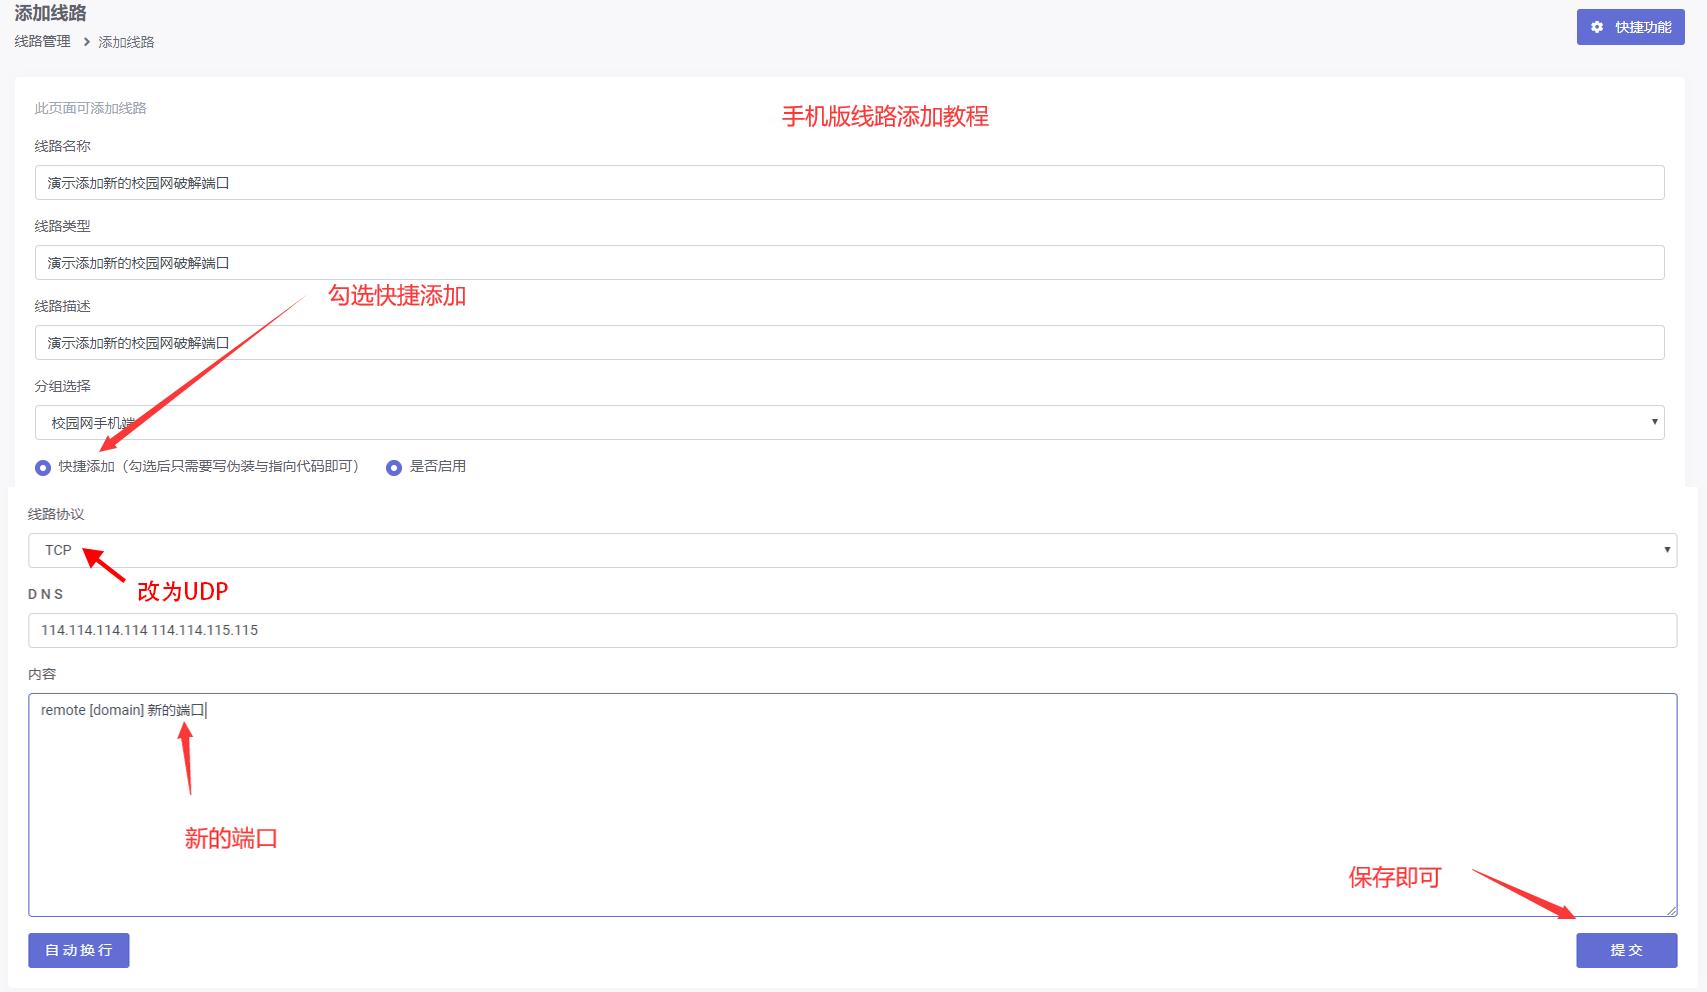 SaoML流控校园网破解帮助文档及常见问题